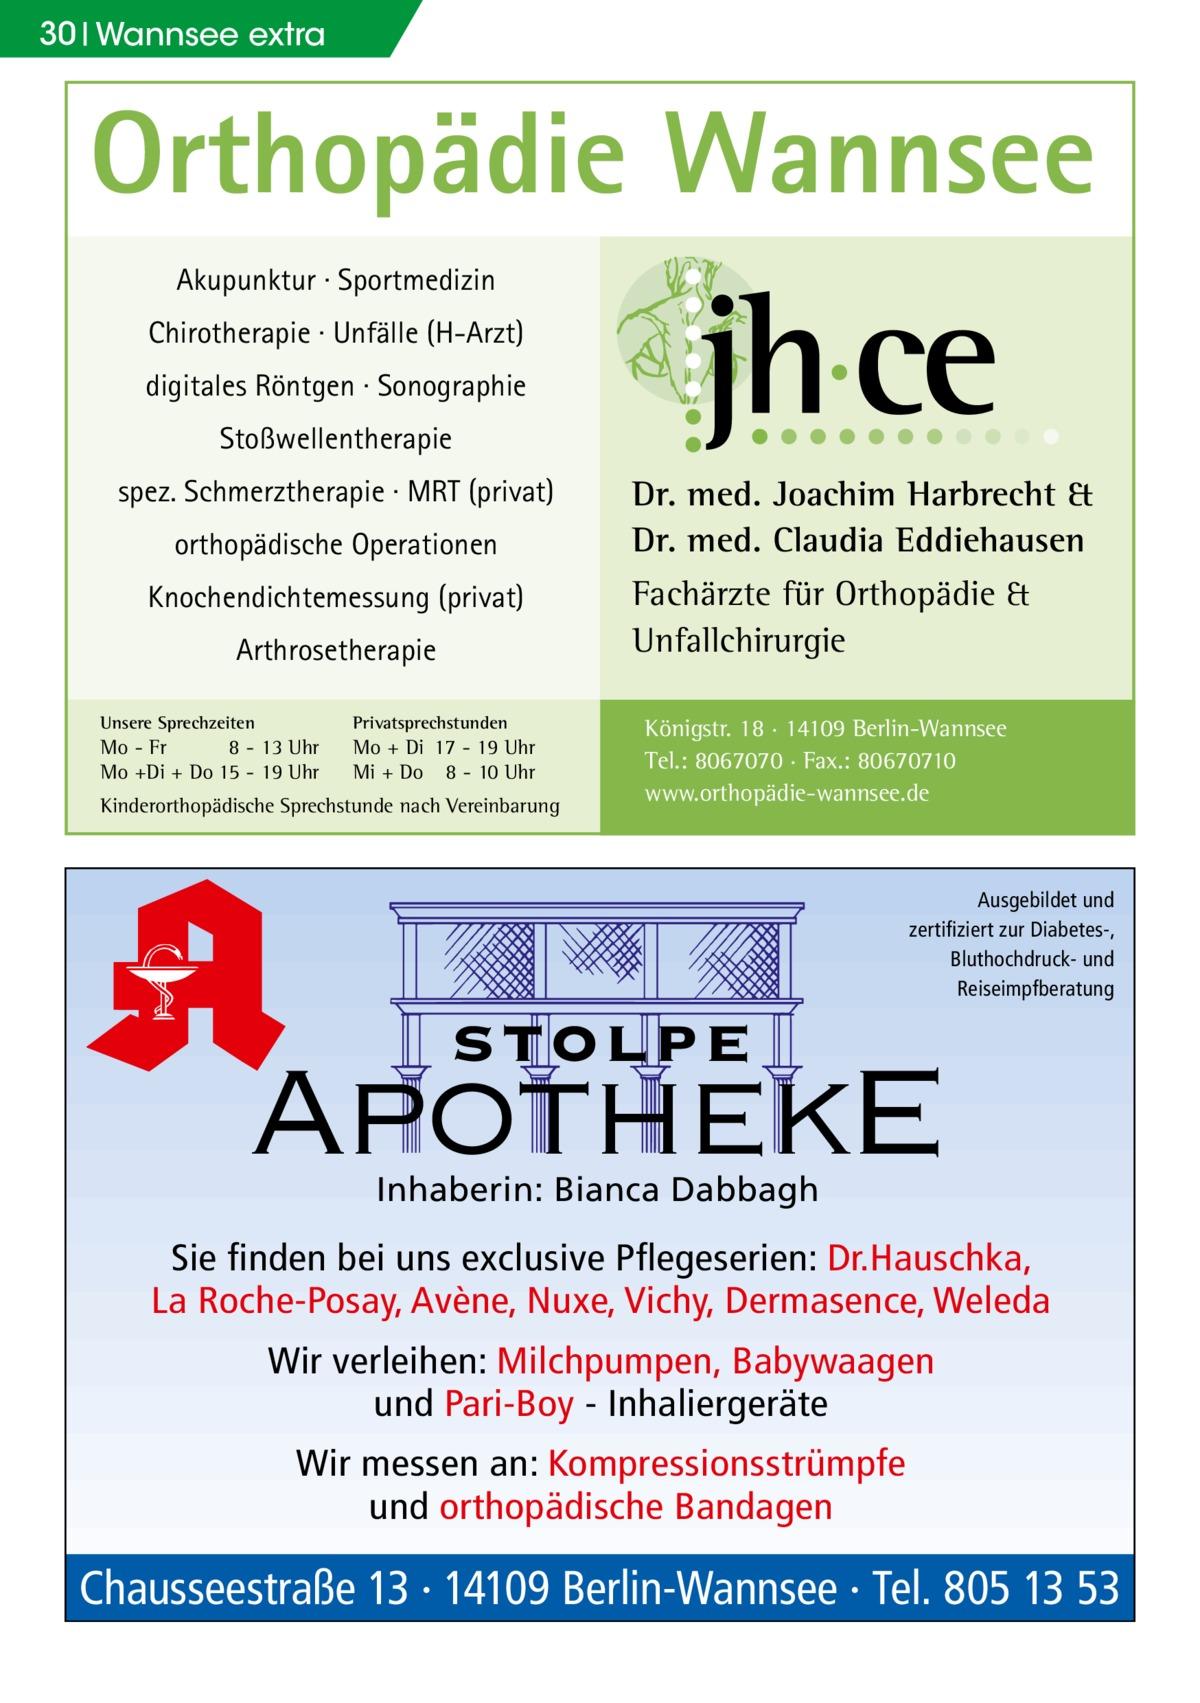 30 Wannsee extra  Orthopädie Wannsee Akupunktur · Sportmedizin Chirotherapie · Unfälle (H-Arzt) digitales Röntgen · Sonographie Stoßwellentherapie spez. Schmerztherapie · MRT (privat) orthopädische Operationen Knochendichtemessung (privat) Arthrosetherapie Unsere Sprechzeiten  Privatsprechstunden  Mo - Fr 8 - 13 Uhr Mo +Di + Do 15 - 19 Uhr  Mo + Di 17 - 19 Uhr Mi + Do 8 - 10 Uhr  Kinderorthopädische Sprechstunde nach Vereinbarung  Dr. med. Joachim Harbrecht & Dr. med. Claudia Eddiehausen Fachärzte für Orthopädie & Unfallchirurgie Königstr. 18 · 14109 Berlin-Wannsee Tel.: 8067070 · Fax.: 80670710 www.orthopädie-wannsee.de  Ausgebildet und zertifiziert zur Diabetes-, Bluthochdruck- und Reiseimpfberatung  stolpe  ApothekE Inhaberin: Bianca Dabbagh  Sie finden bei uns exclusive Pflegeserien: Dr.Hauschka, La Roche-Posay, Avène, Nuxe, Vichy, Dermasence, Weleda Wir verleihen: Milchpumpen, Babywaagen und Pari-Boy - Inhaliergeräte Wir messen an: Kompressionsstrümpfe und orthopädische Bandagen  Chausseestraße 13 · 14109 Berlin-Wannsee · Tel. 805 13 53